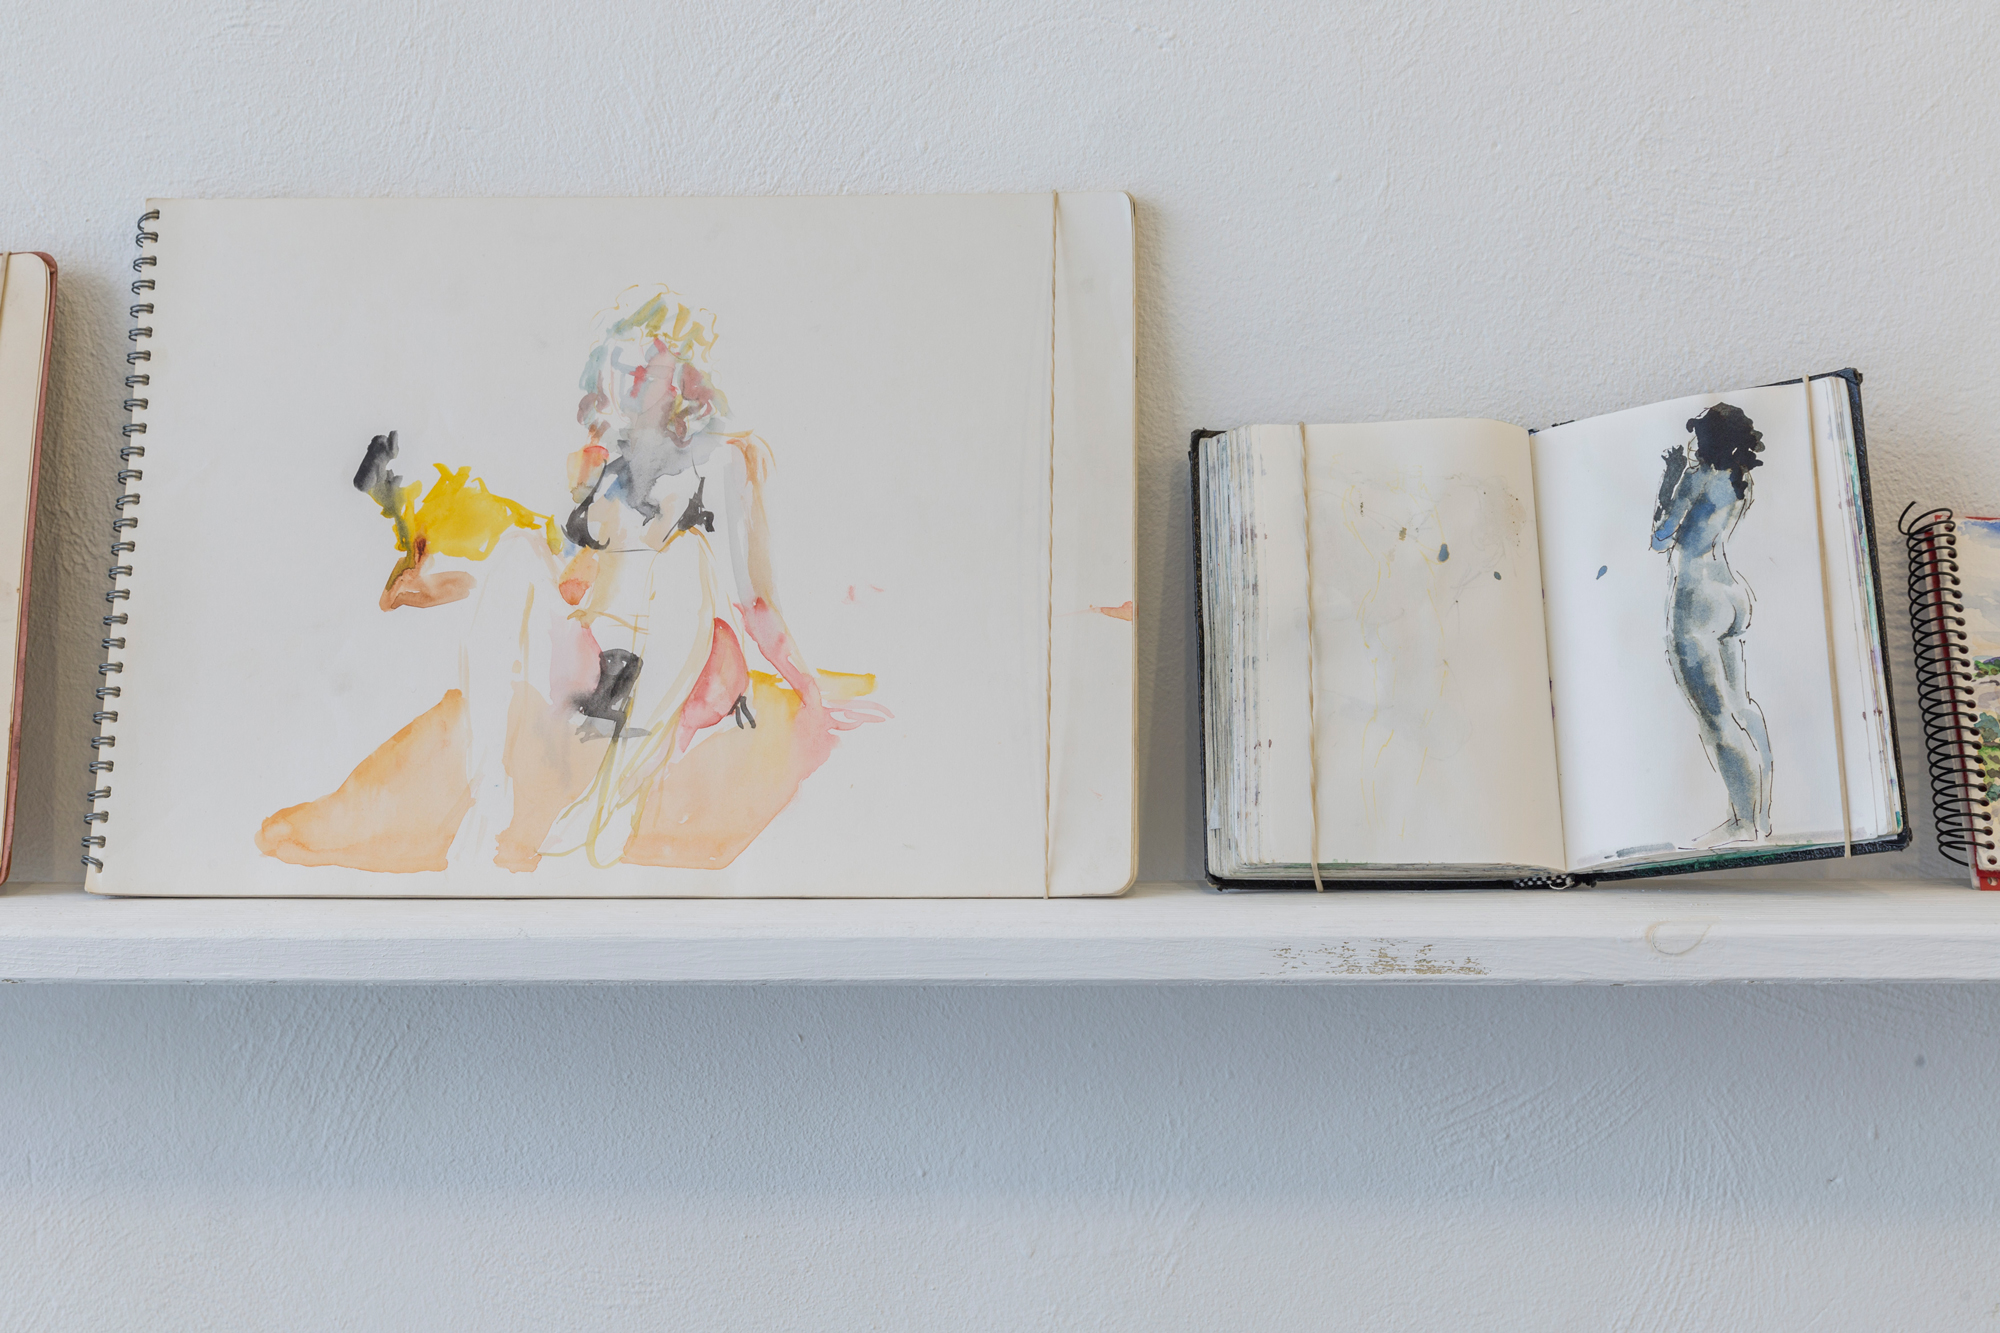 lalonja-logroño-cuadernos-javier-de-blas22